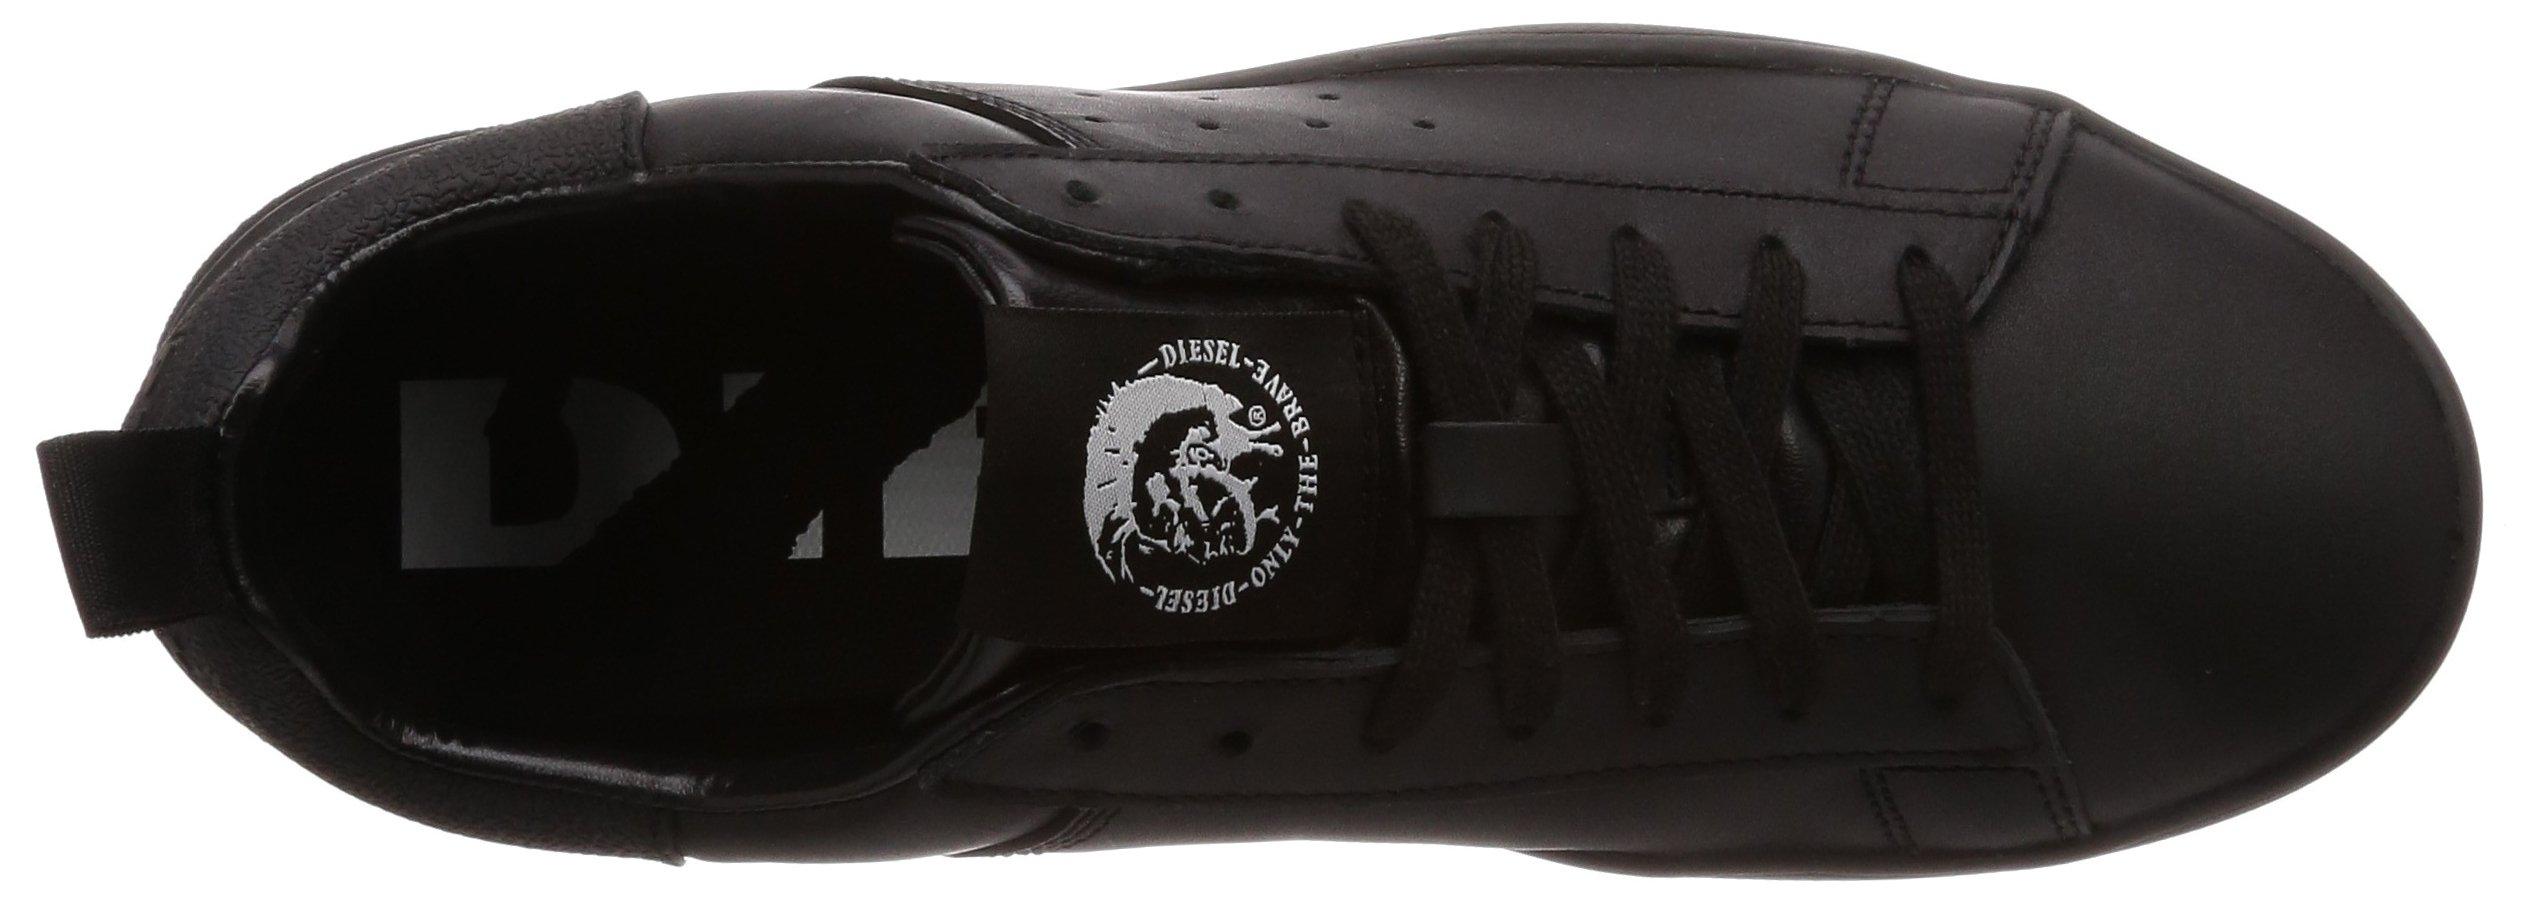 Diesel Men's S-Clever Low-Sneakers Black, 8 M US by Diesel (Image #7)